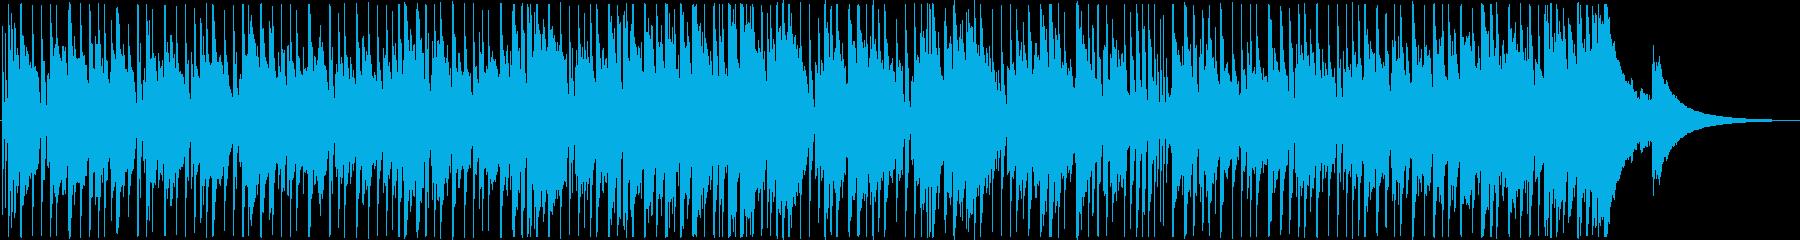 明るいシンセサイザーの爽やかな曲の再生済みの波形